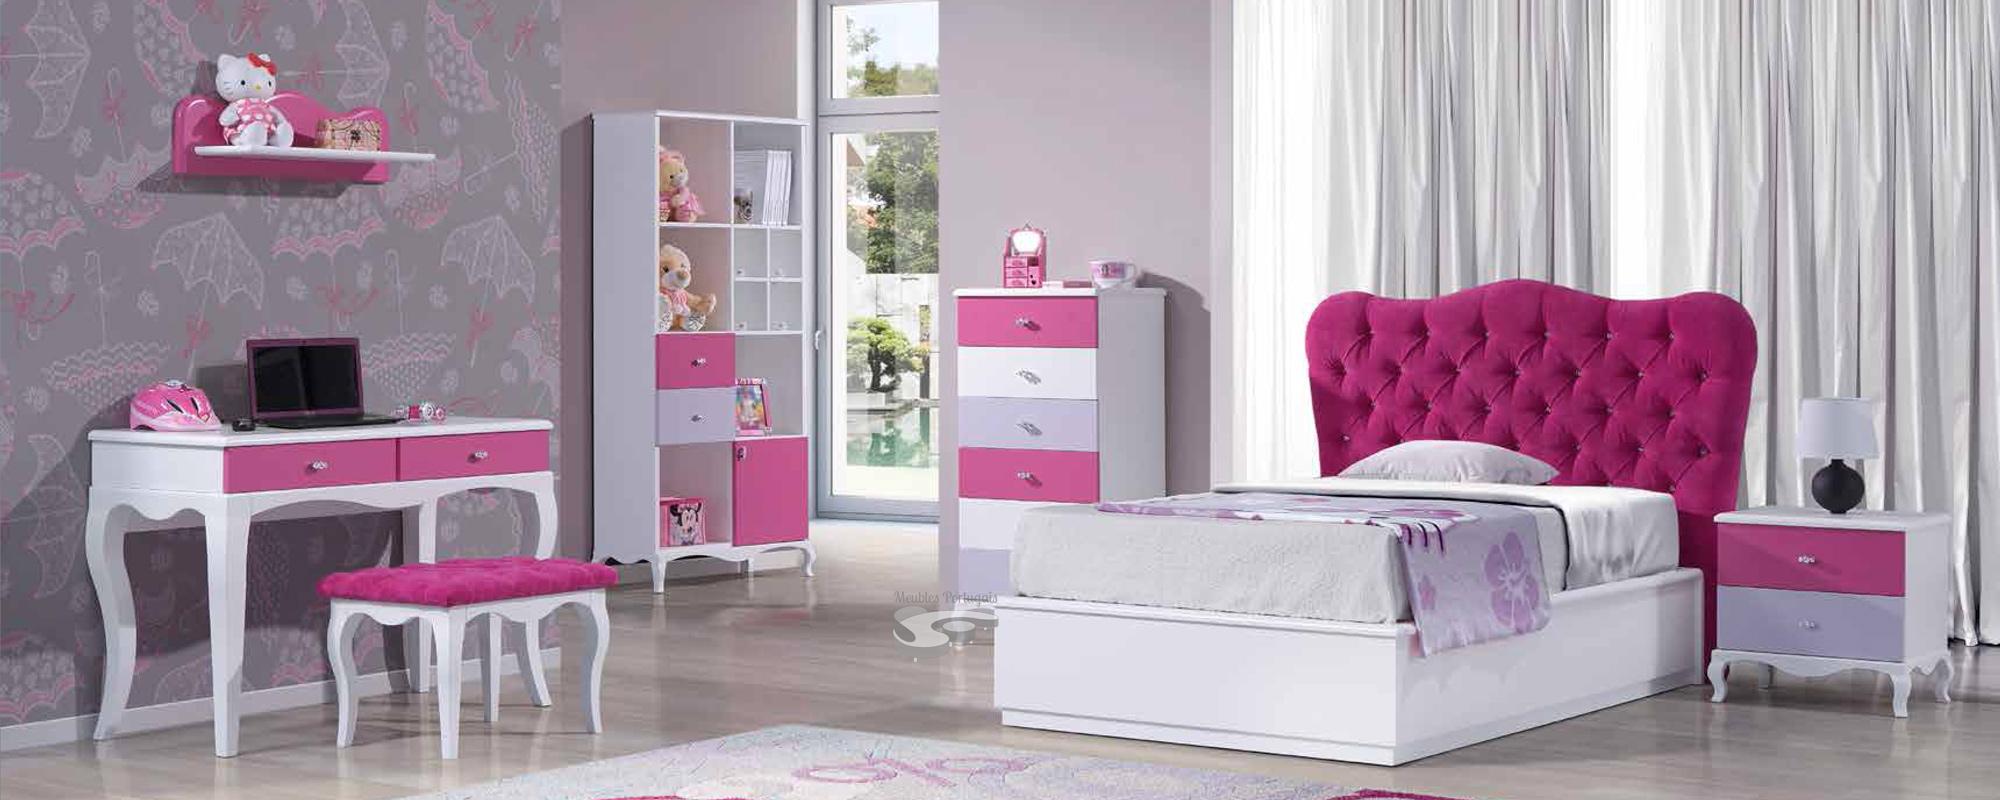 cool cheap meubles portugais chambre enfant design with meuble cuisine portugal with meubles